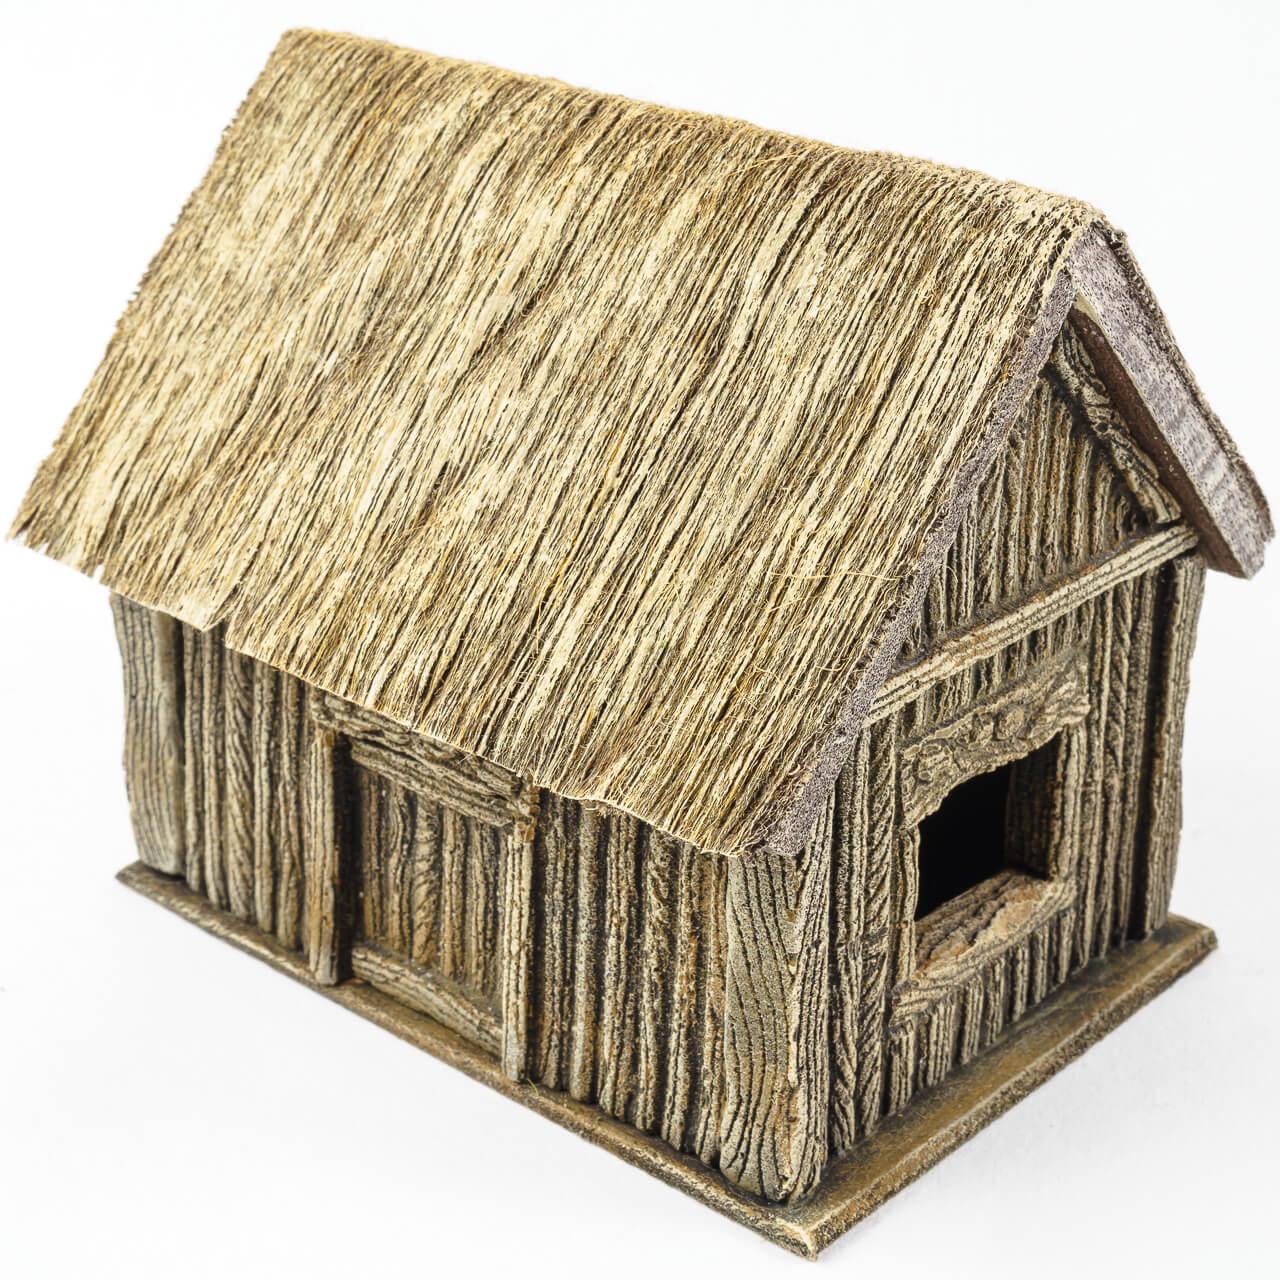 1. Produktabbildung - Holzhaus klein